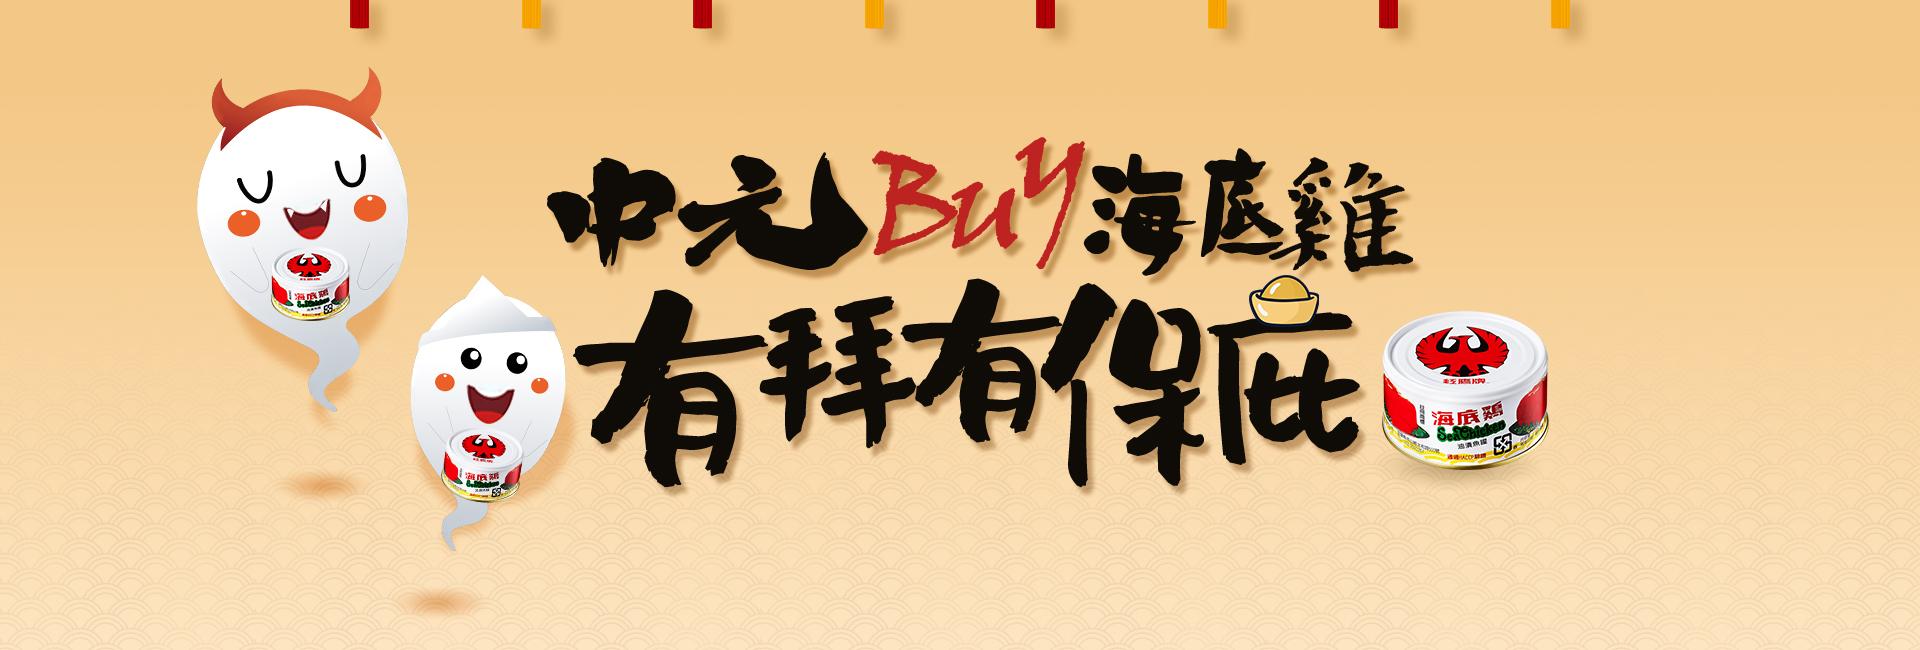 中元風格BN_1920x650